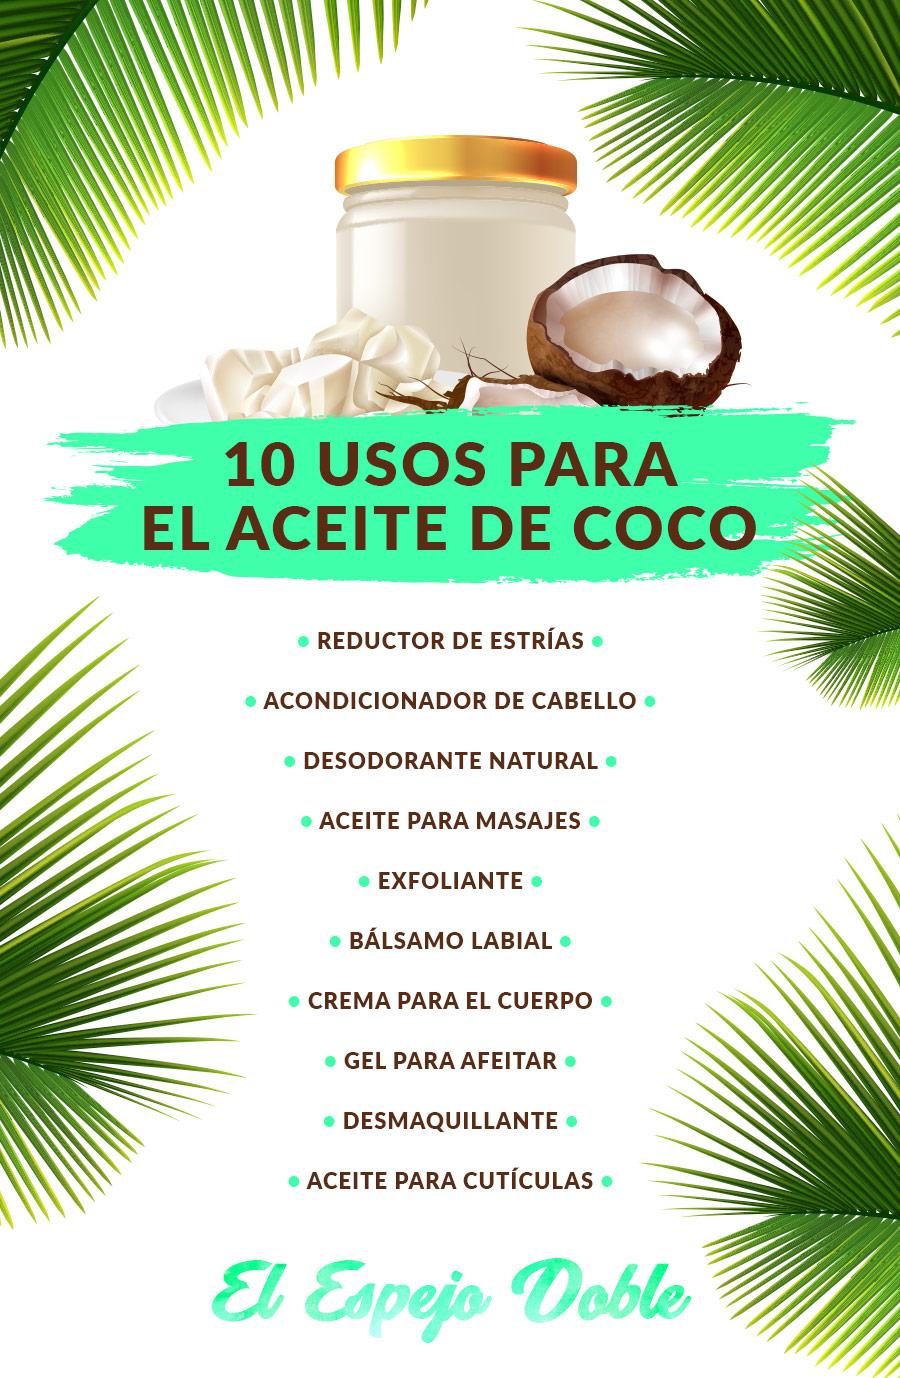 Usos aceite coco - elespejodoble.es